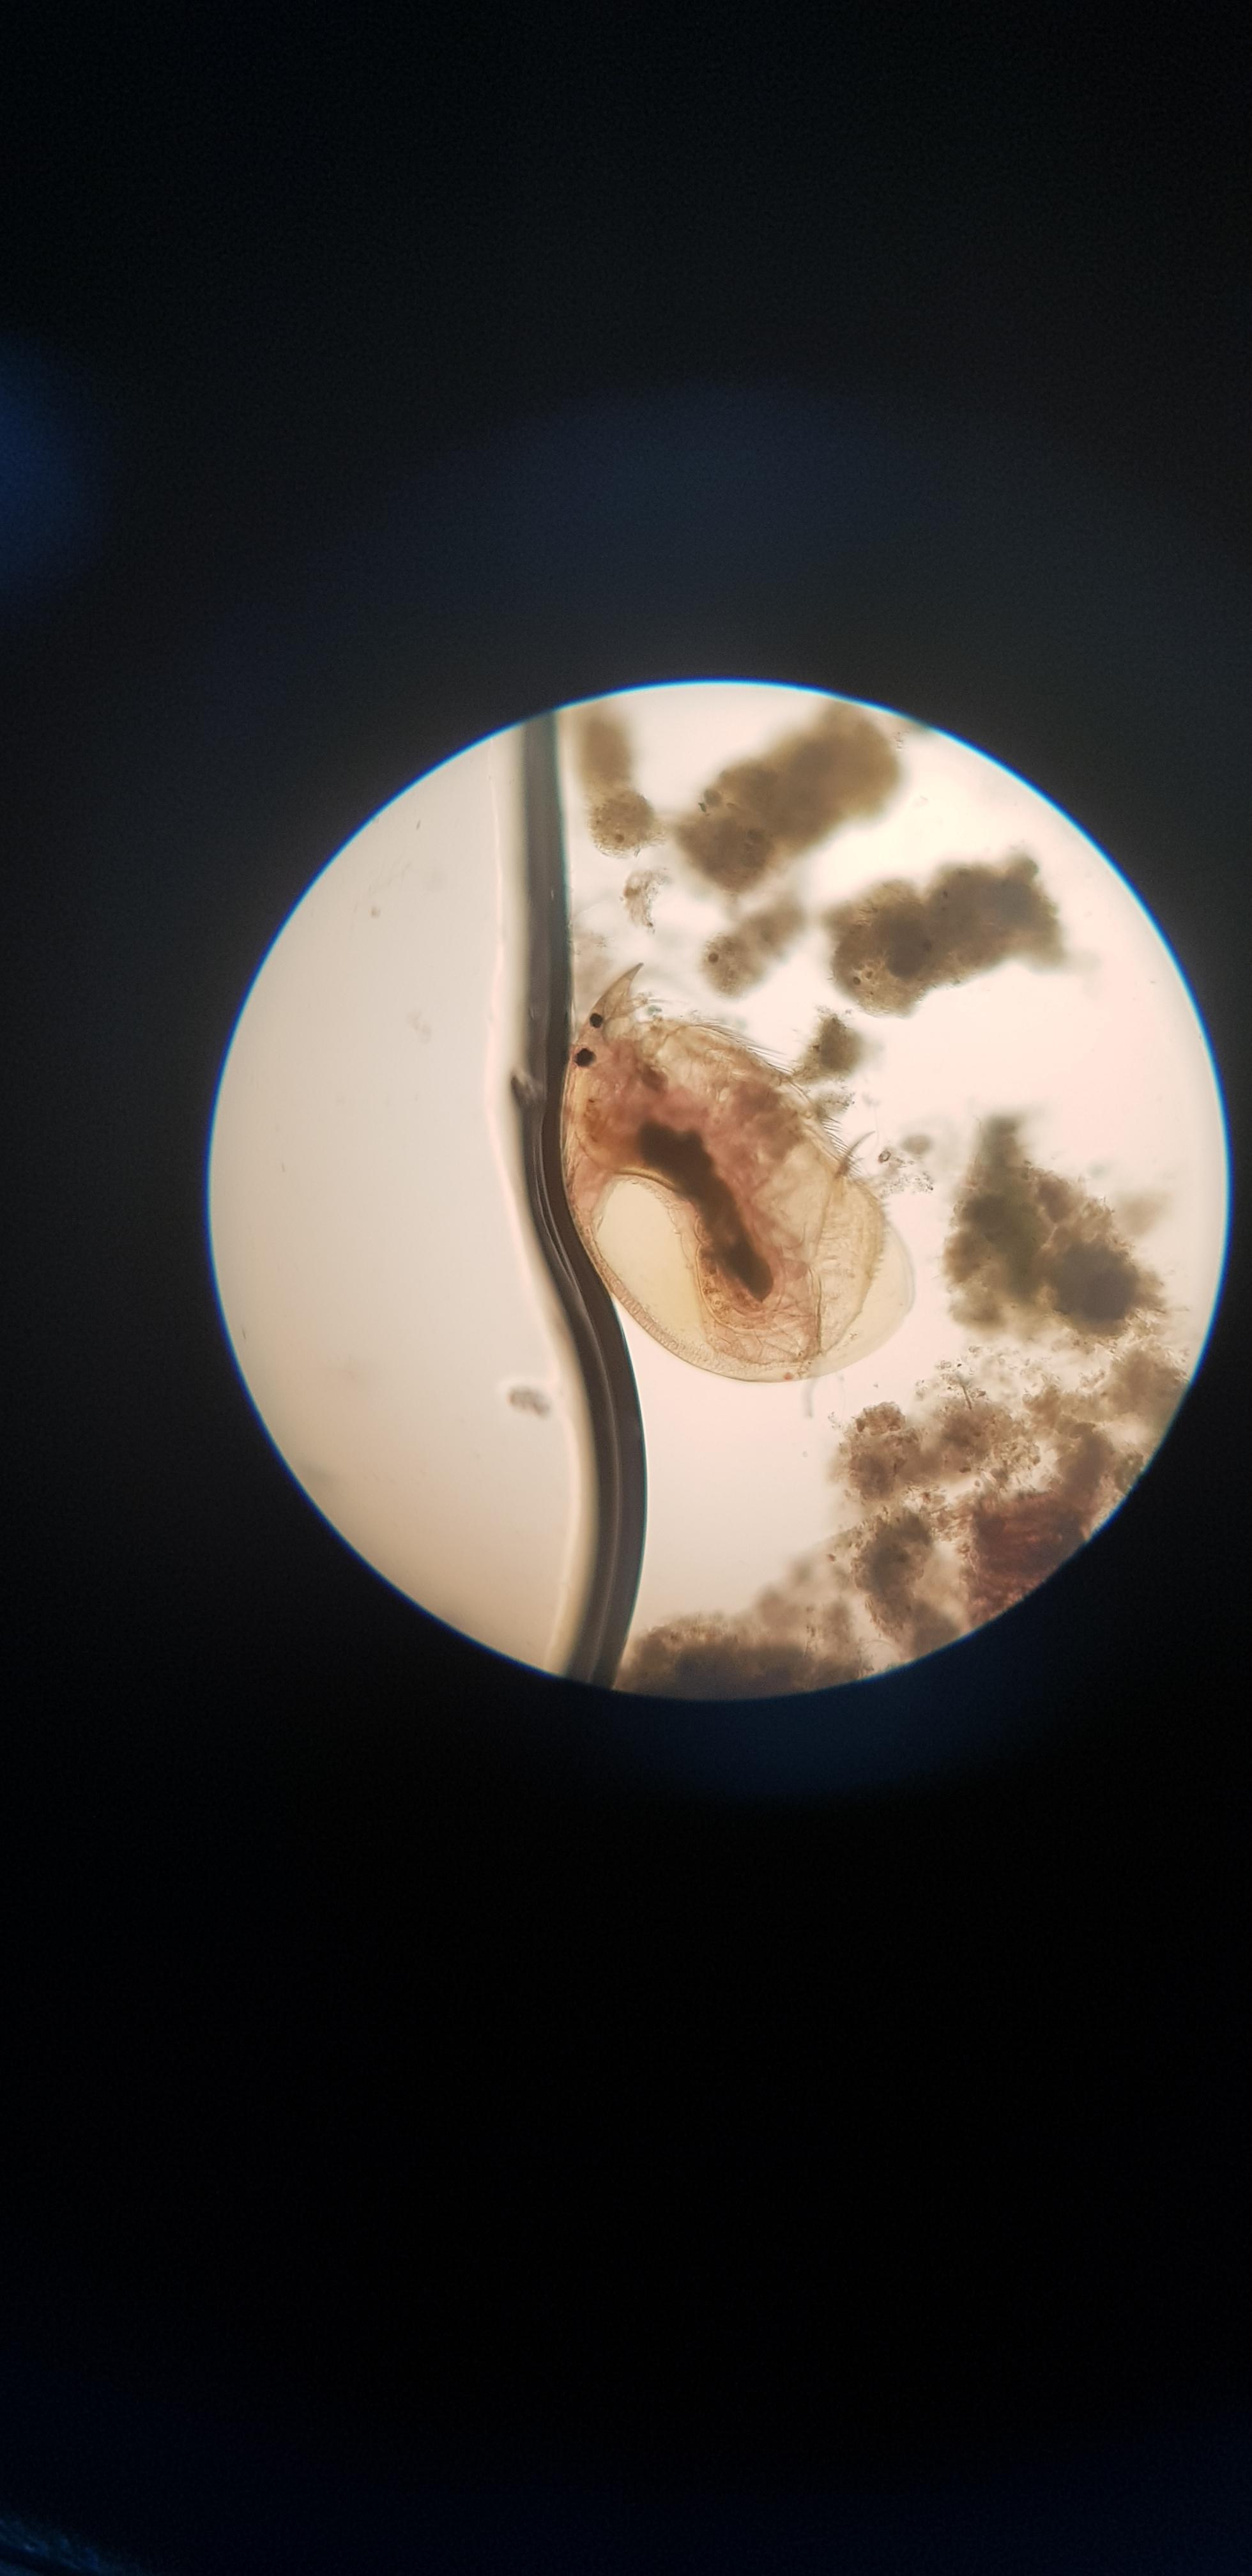 Imágenes de pulga de agua (Daphnia pulex)